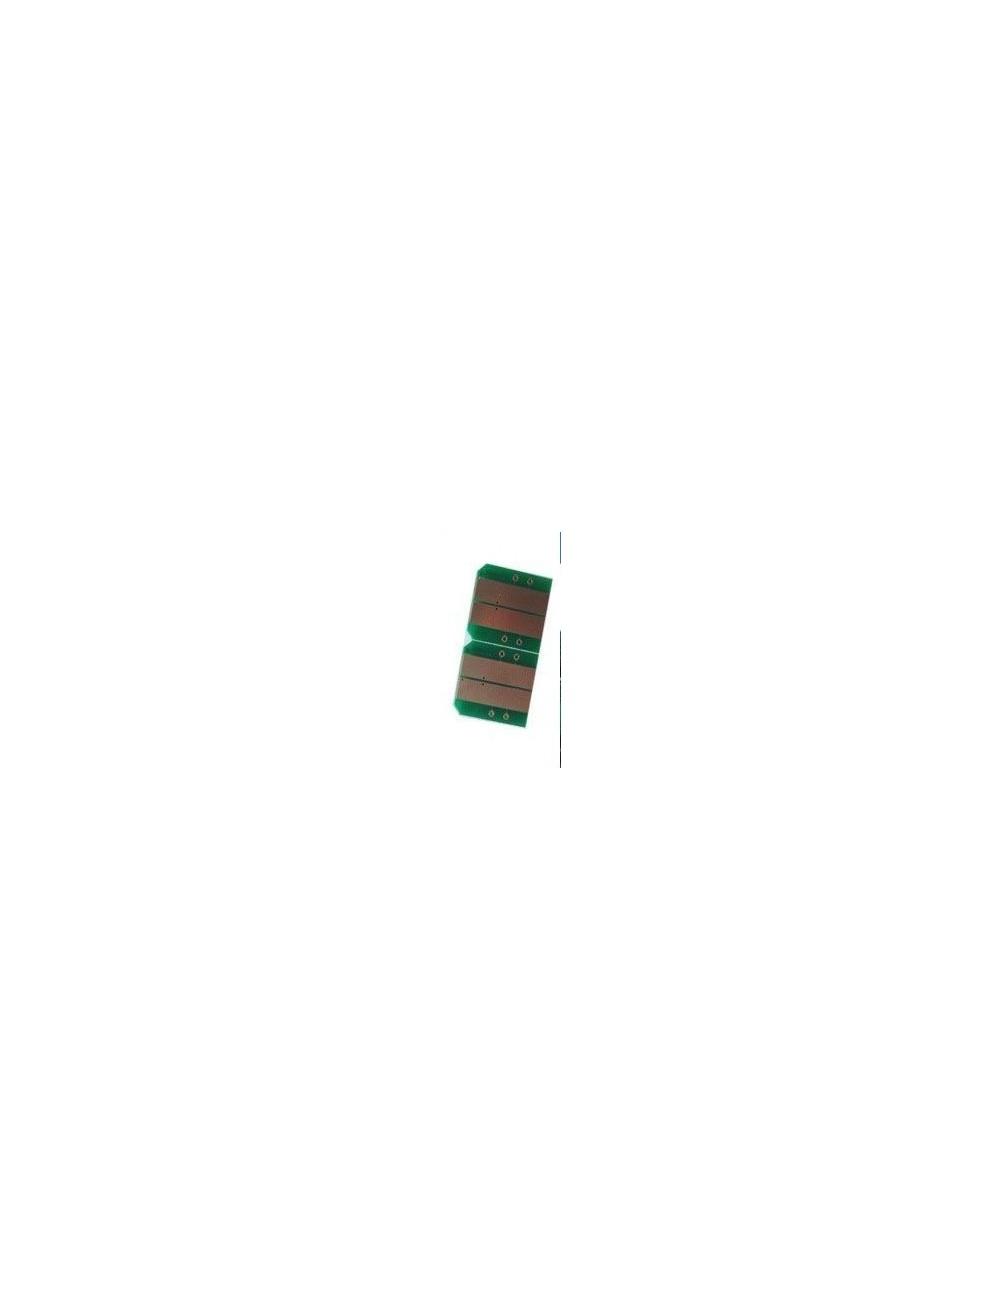 Chip OKI B410/B420/B430 3.5k